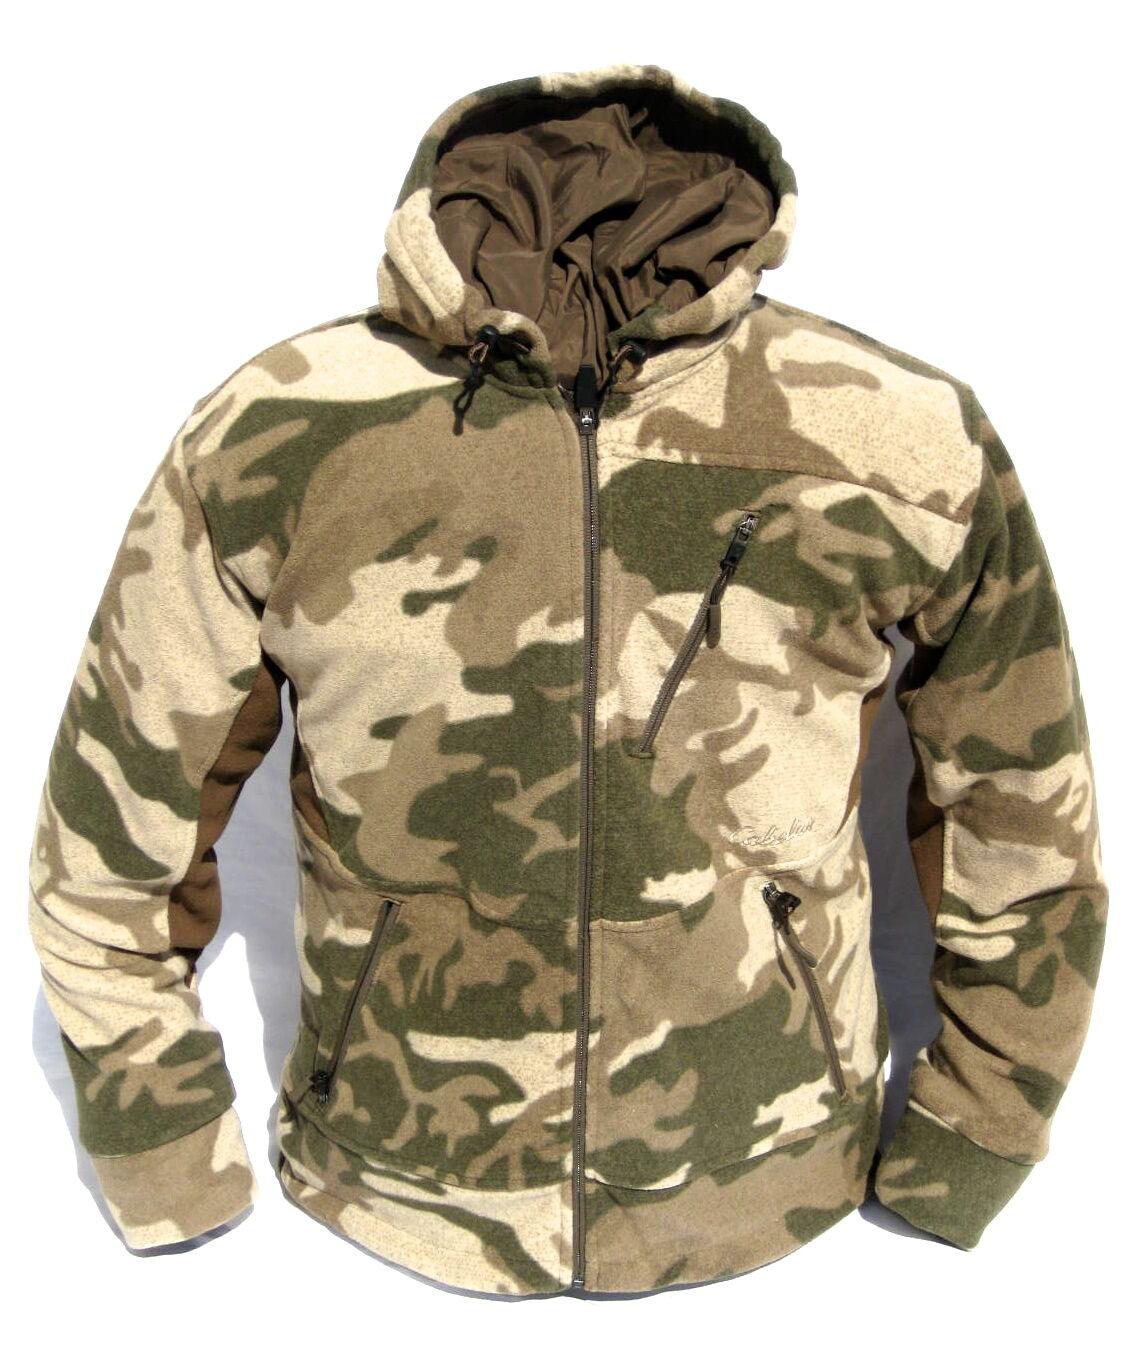 Cabela's Camo con capucha para hombre de Outfitter cortante del viento Impermeable Chaqueta de caza silencioso